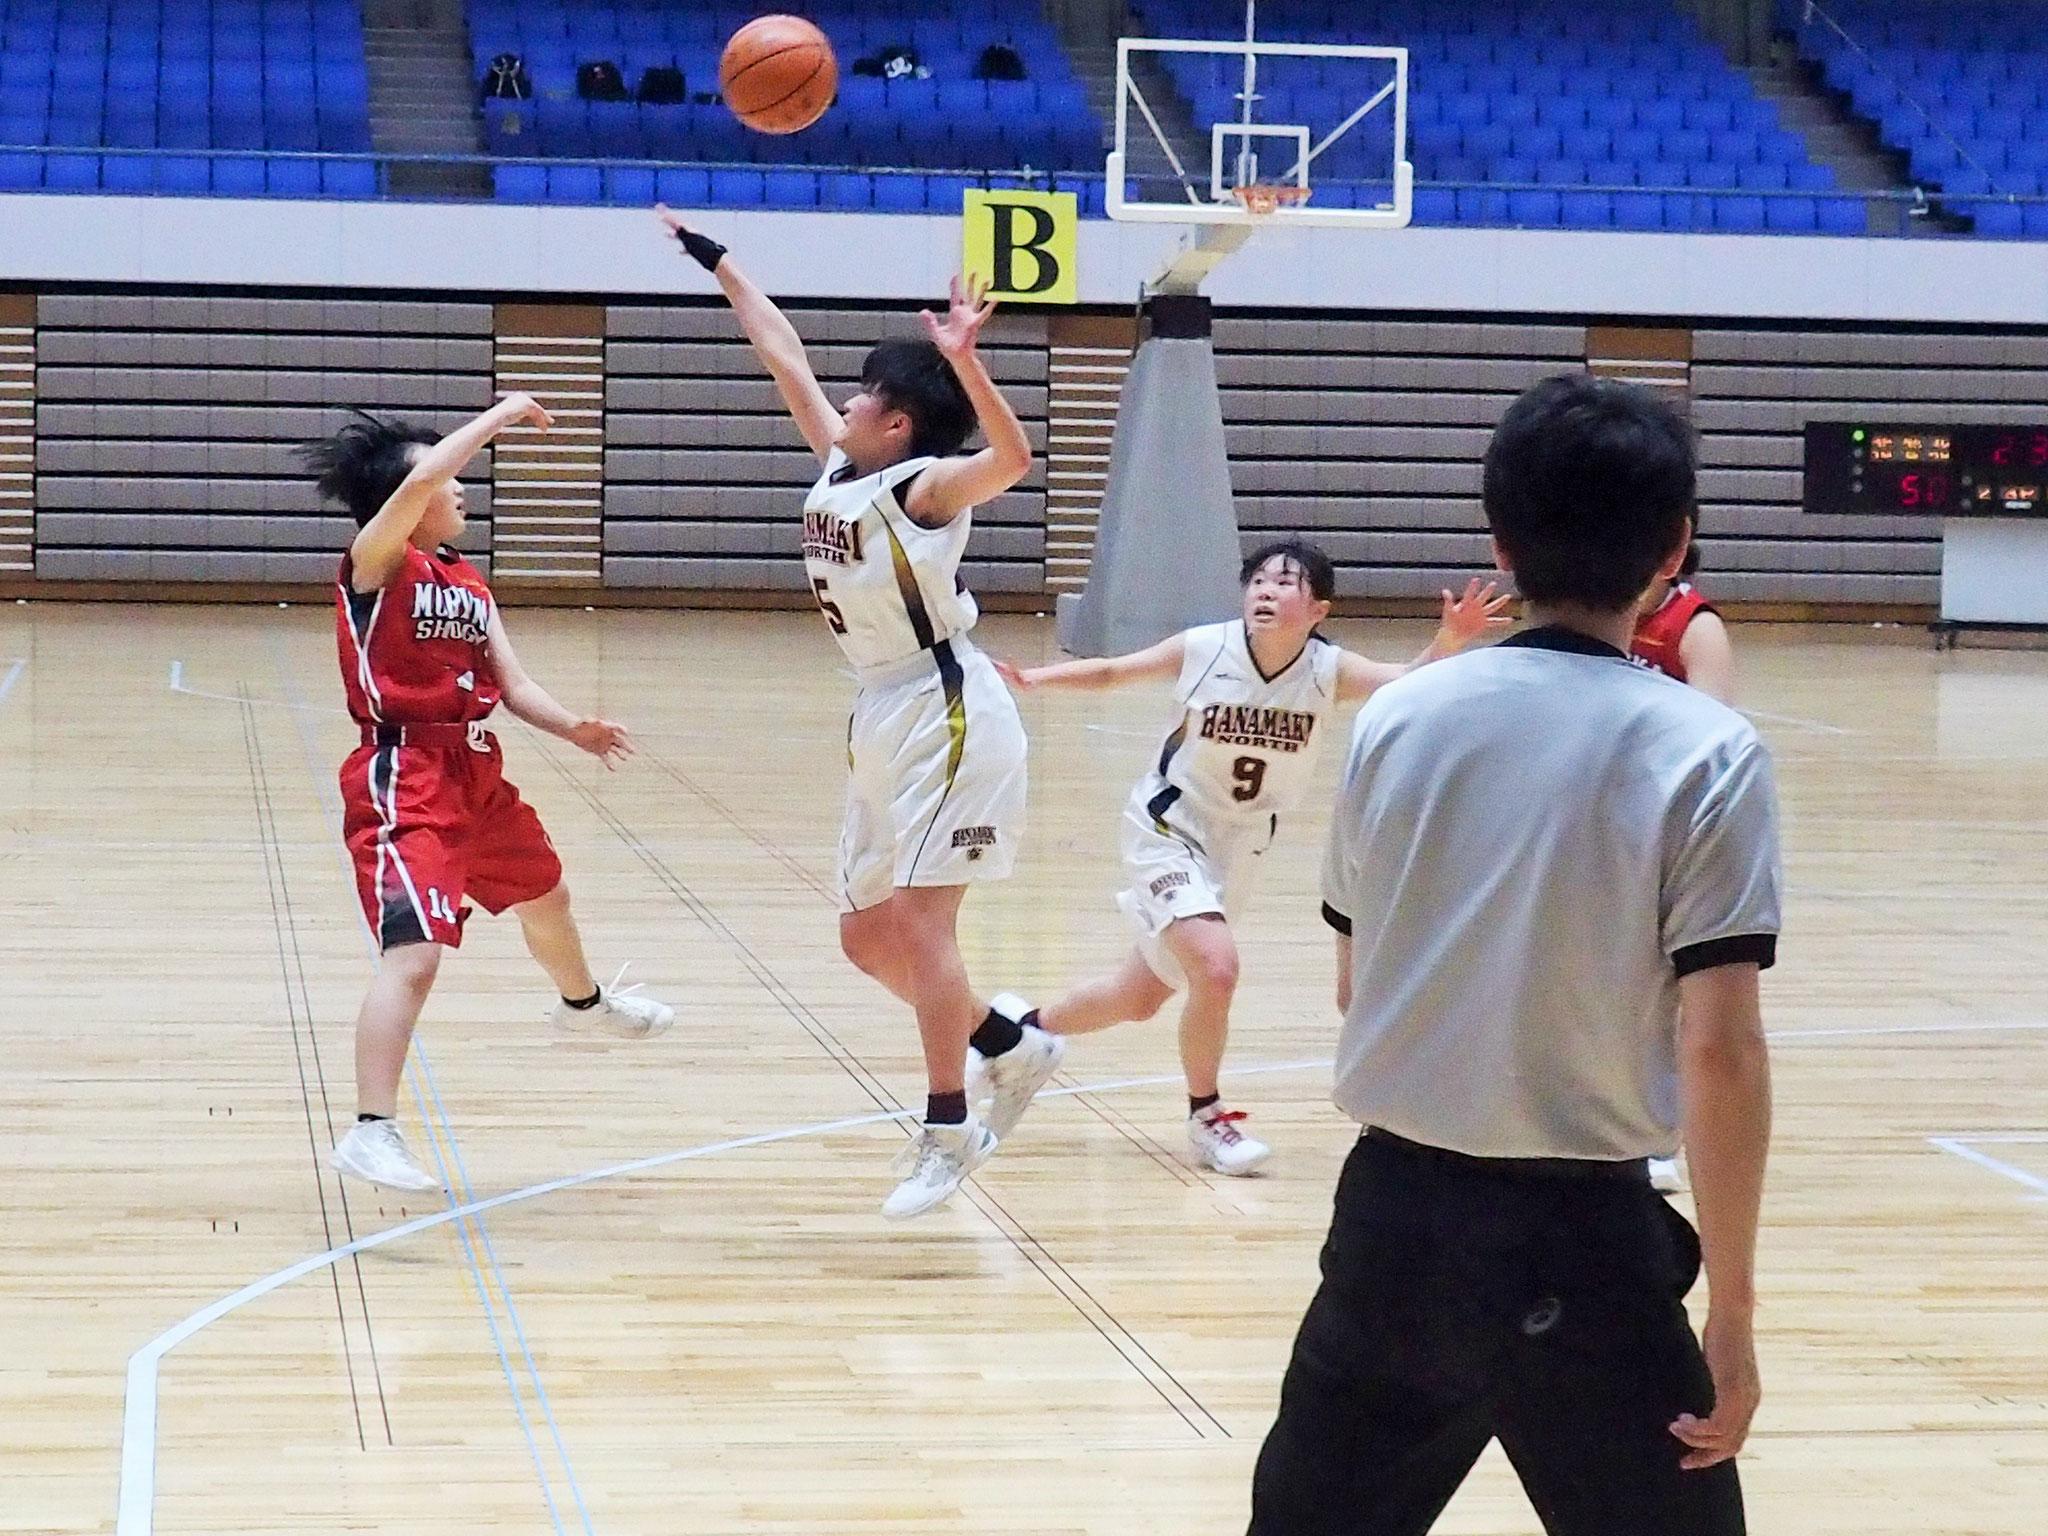 【バスケットボール】5/26~30 @奥州市総合体育館 他